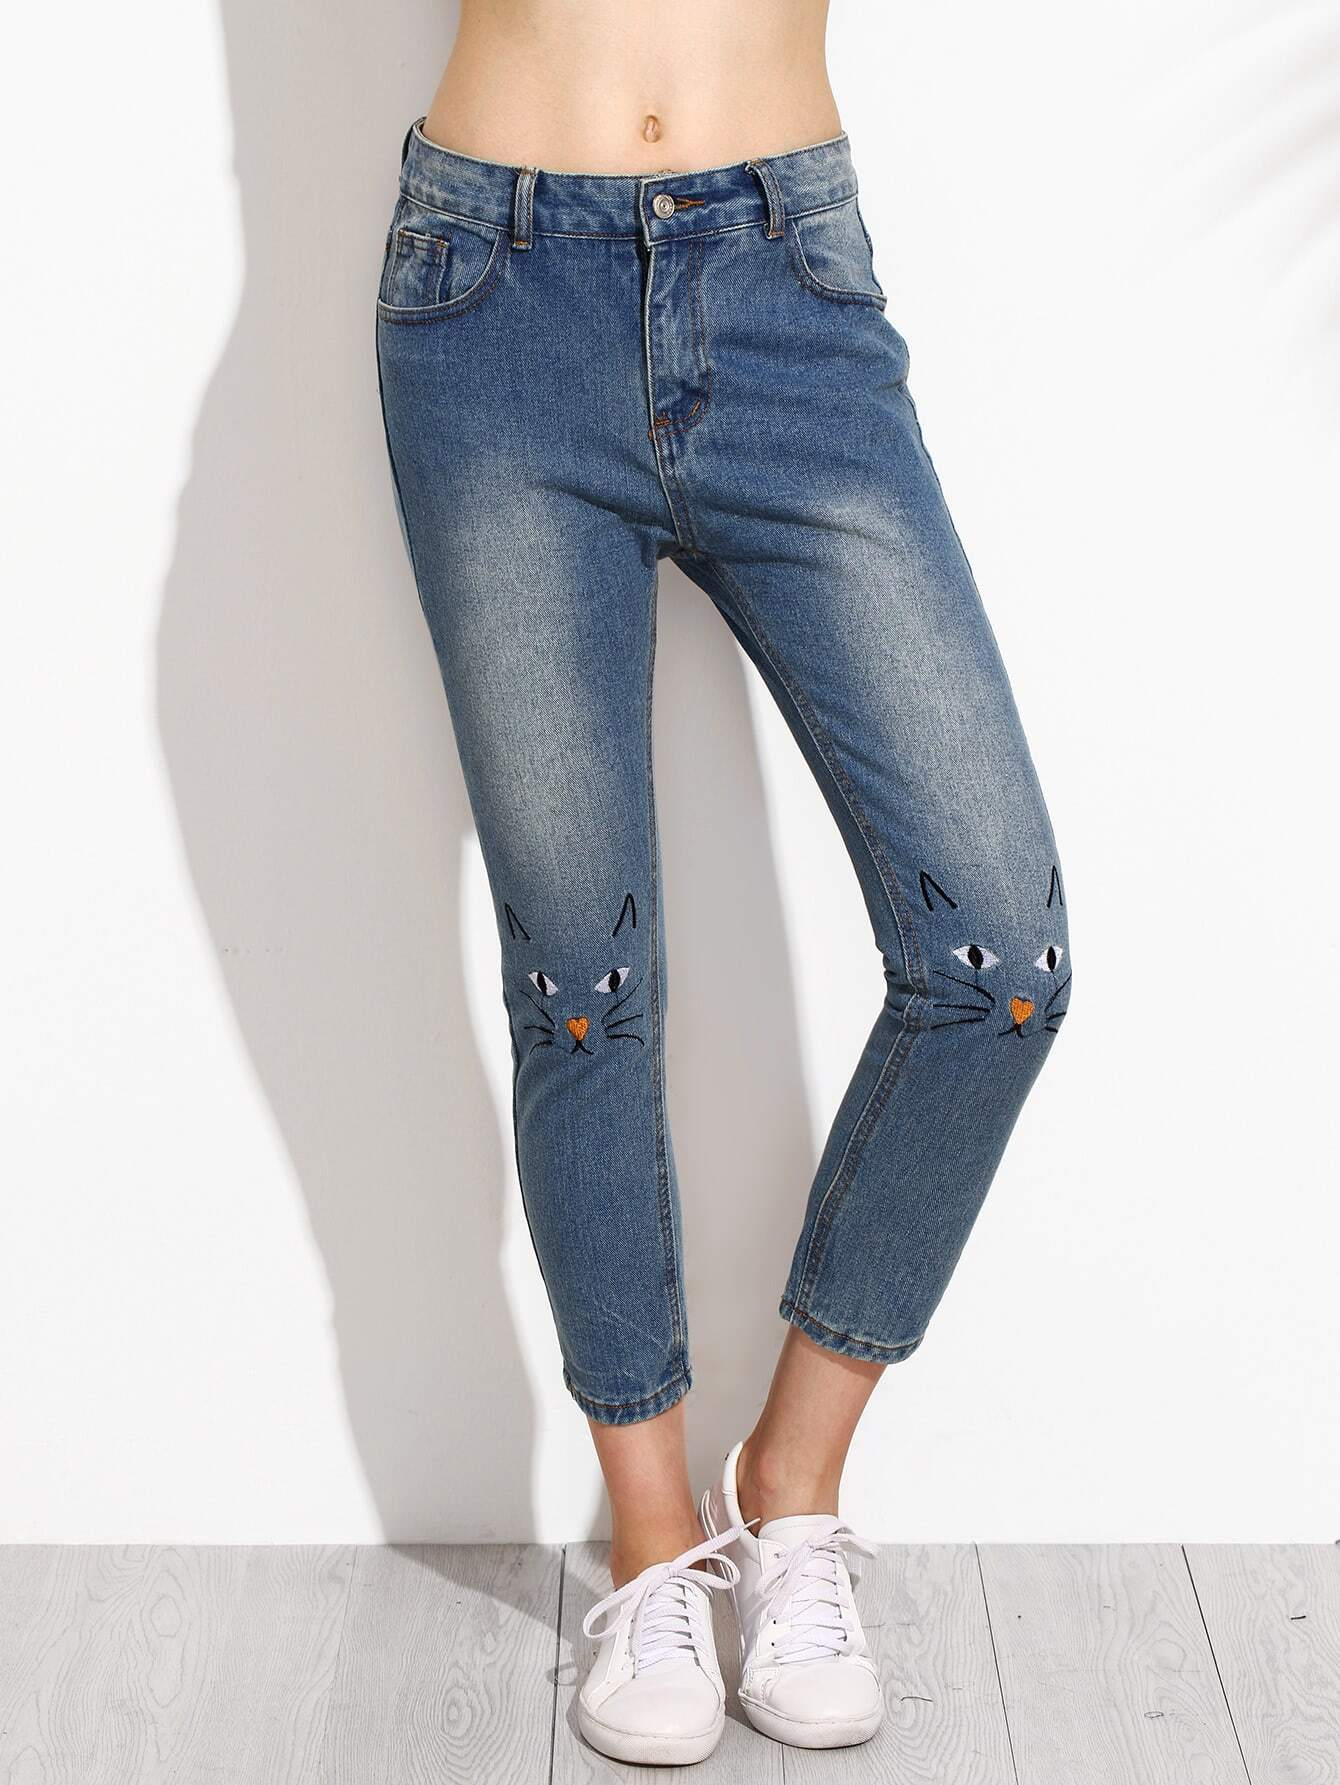 pants160729001_2